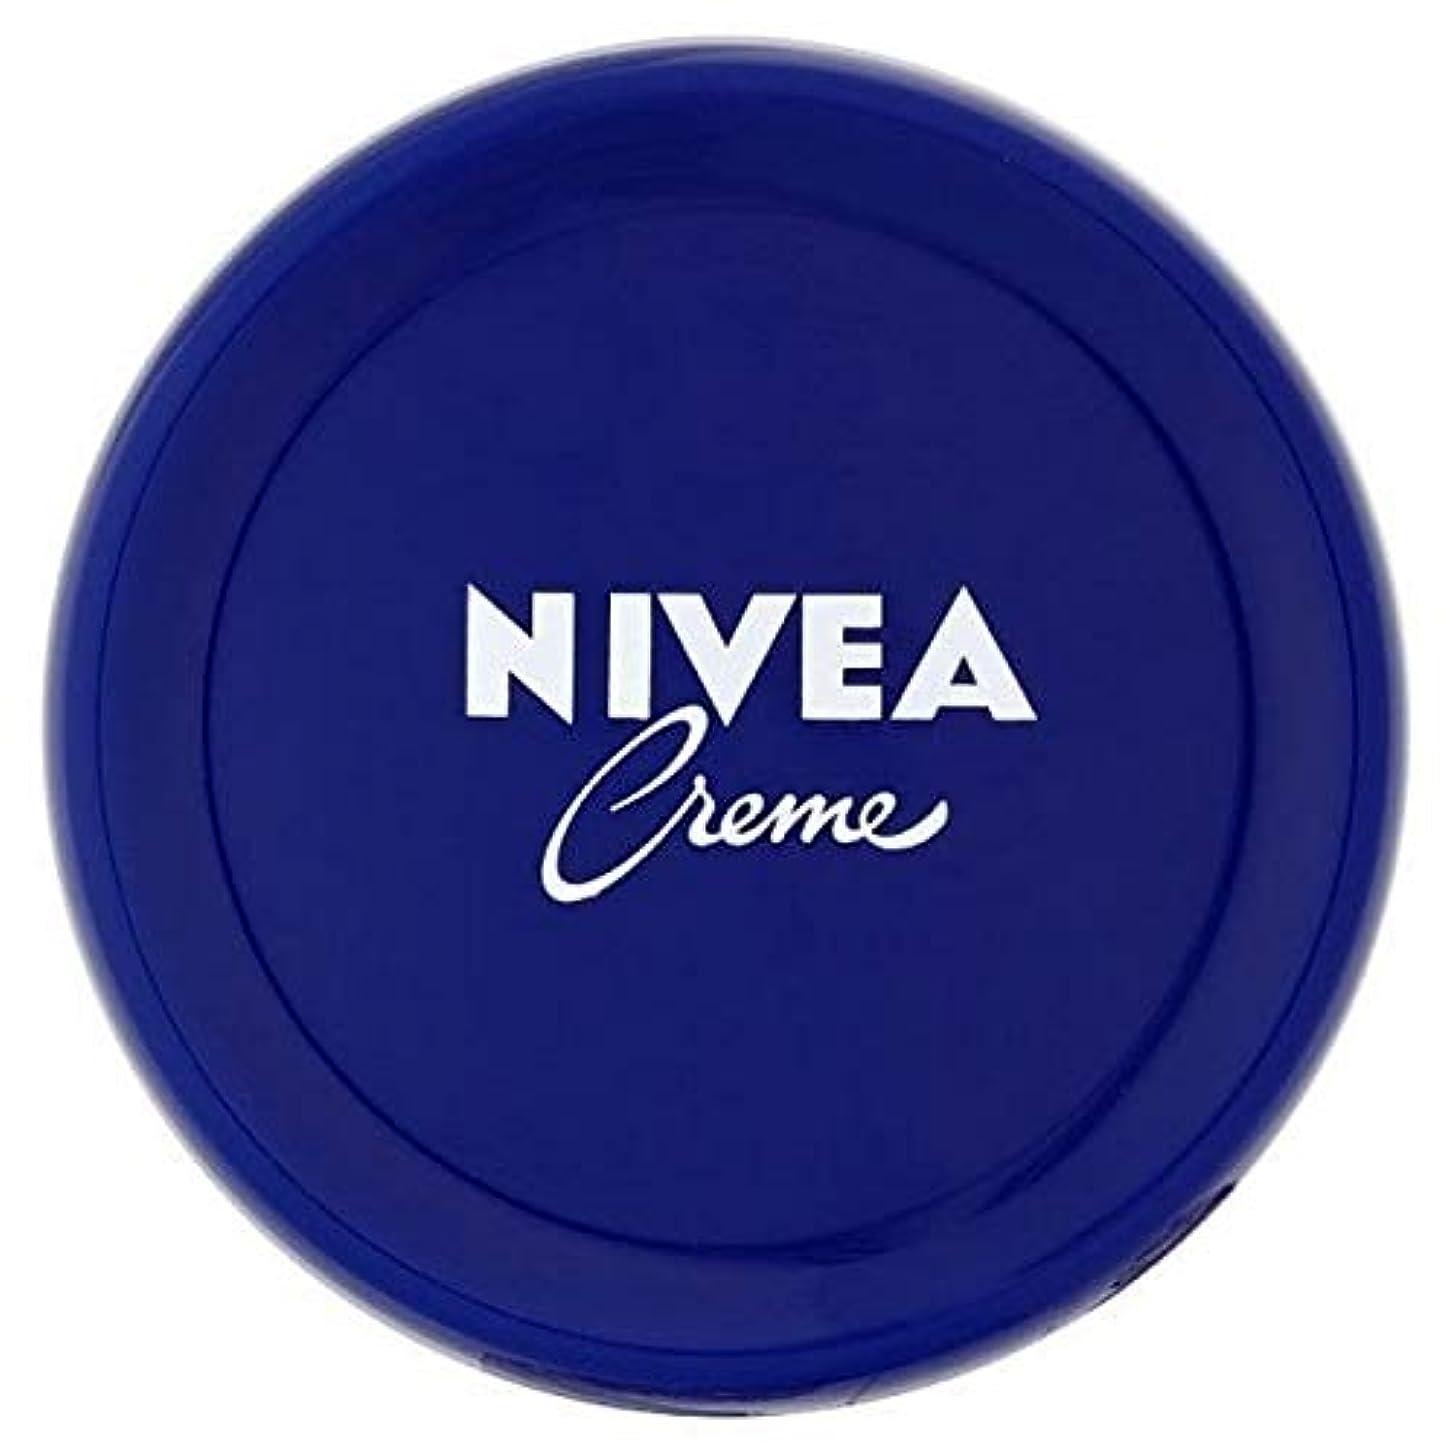 声を出して低下形容詞[Nivea ] ニベアクリーム万能ボディクリーム、200ミリリットル - NIVEA Creme All Purpose Body Cream, 200ml [並行輸入品]